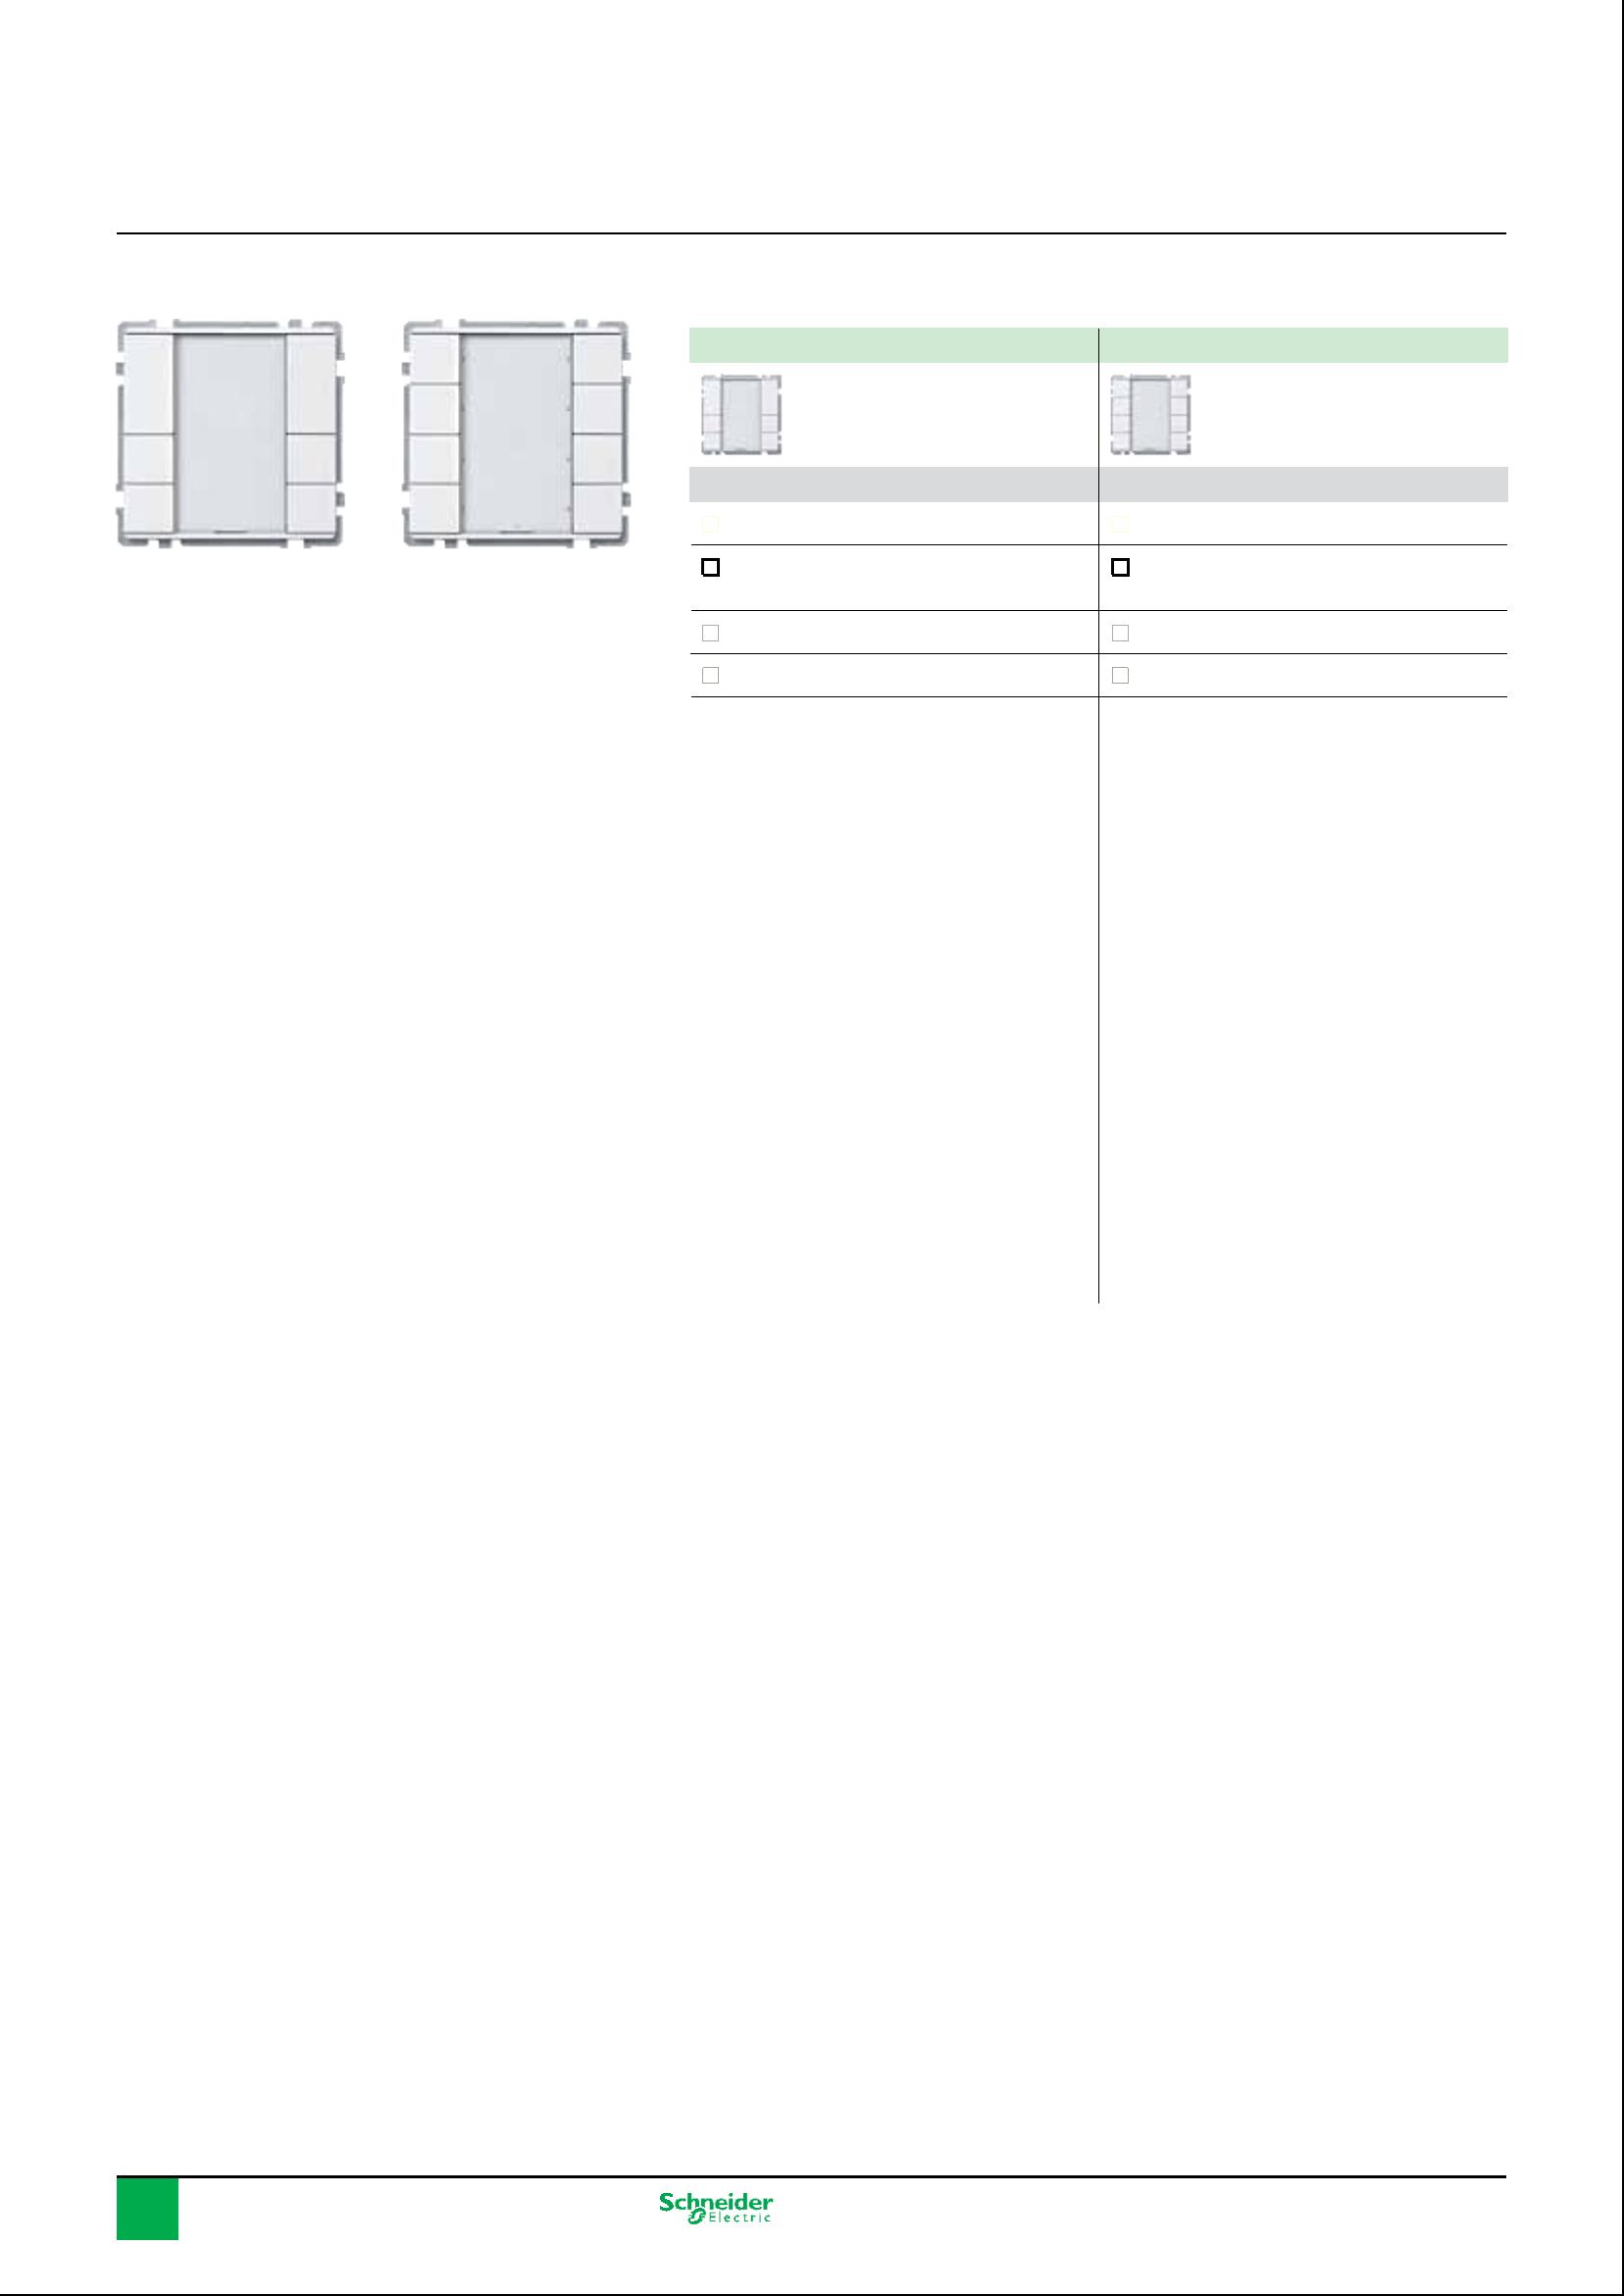 Knx Smart Building Control Systems Schneider Direct Online Starter Wiring Diagram